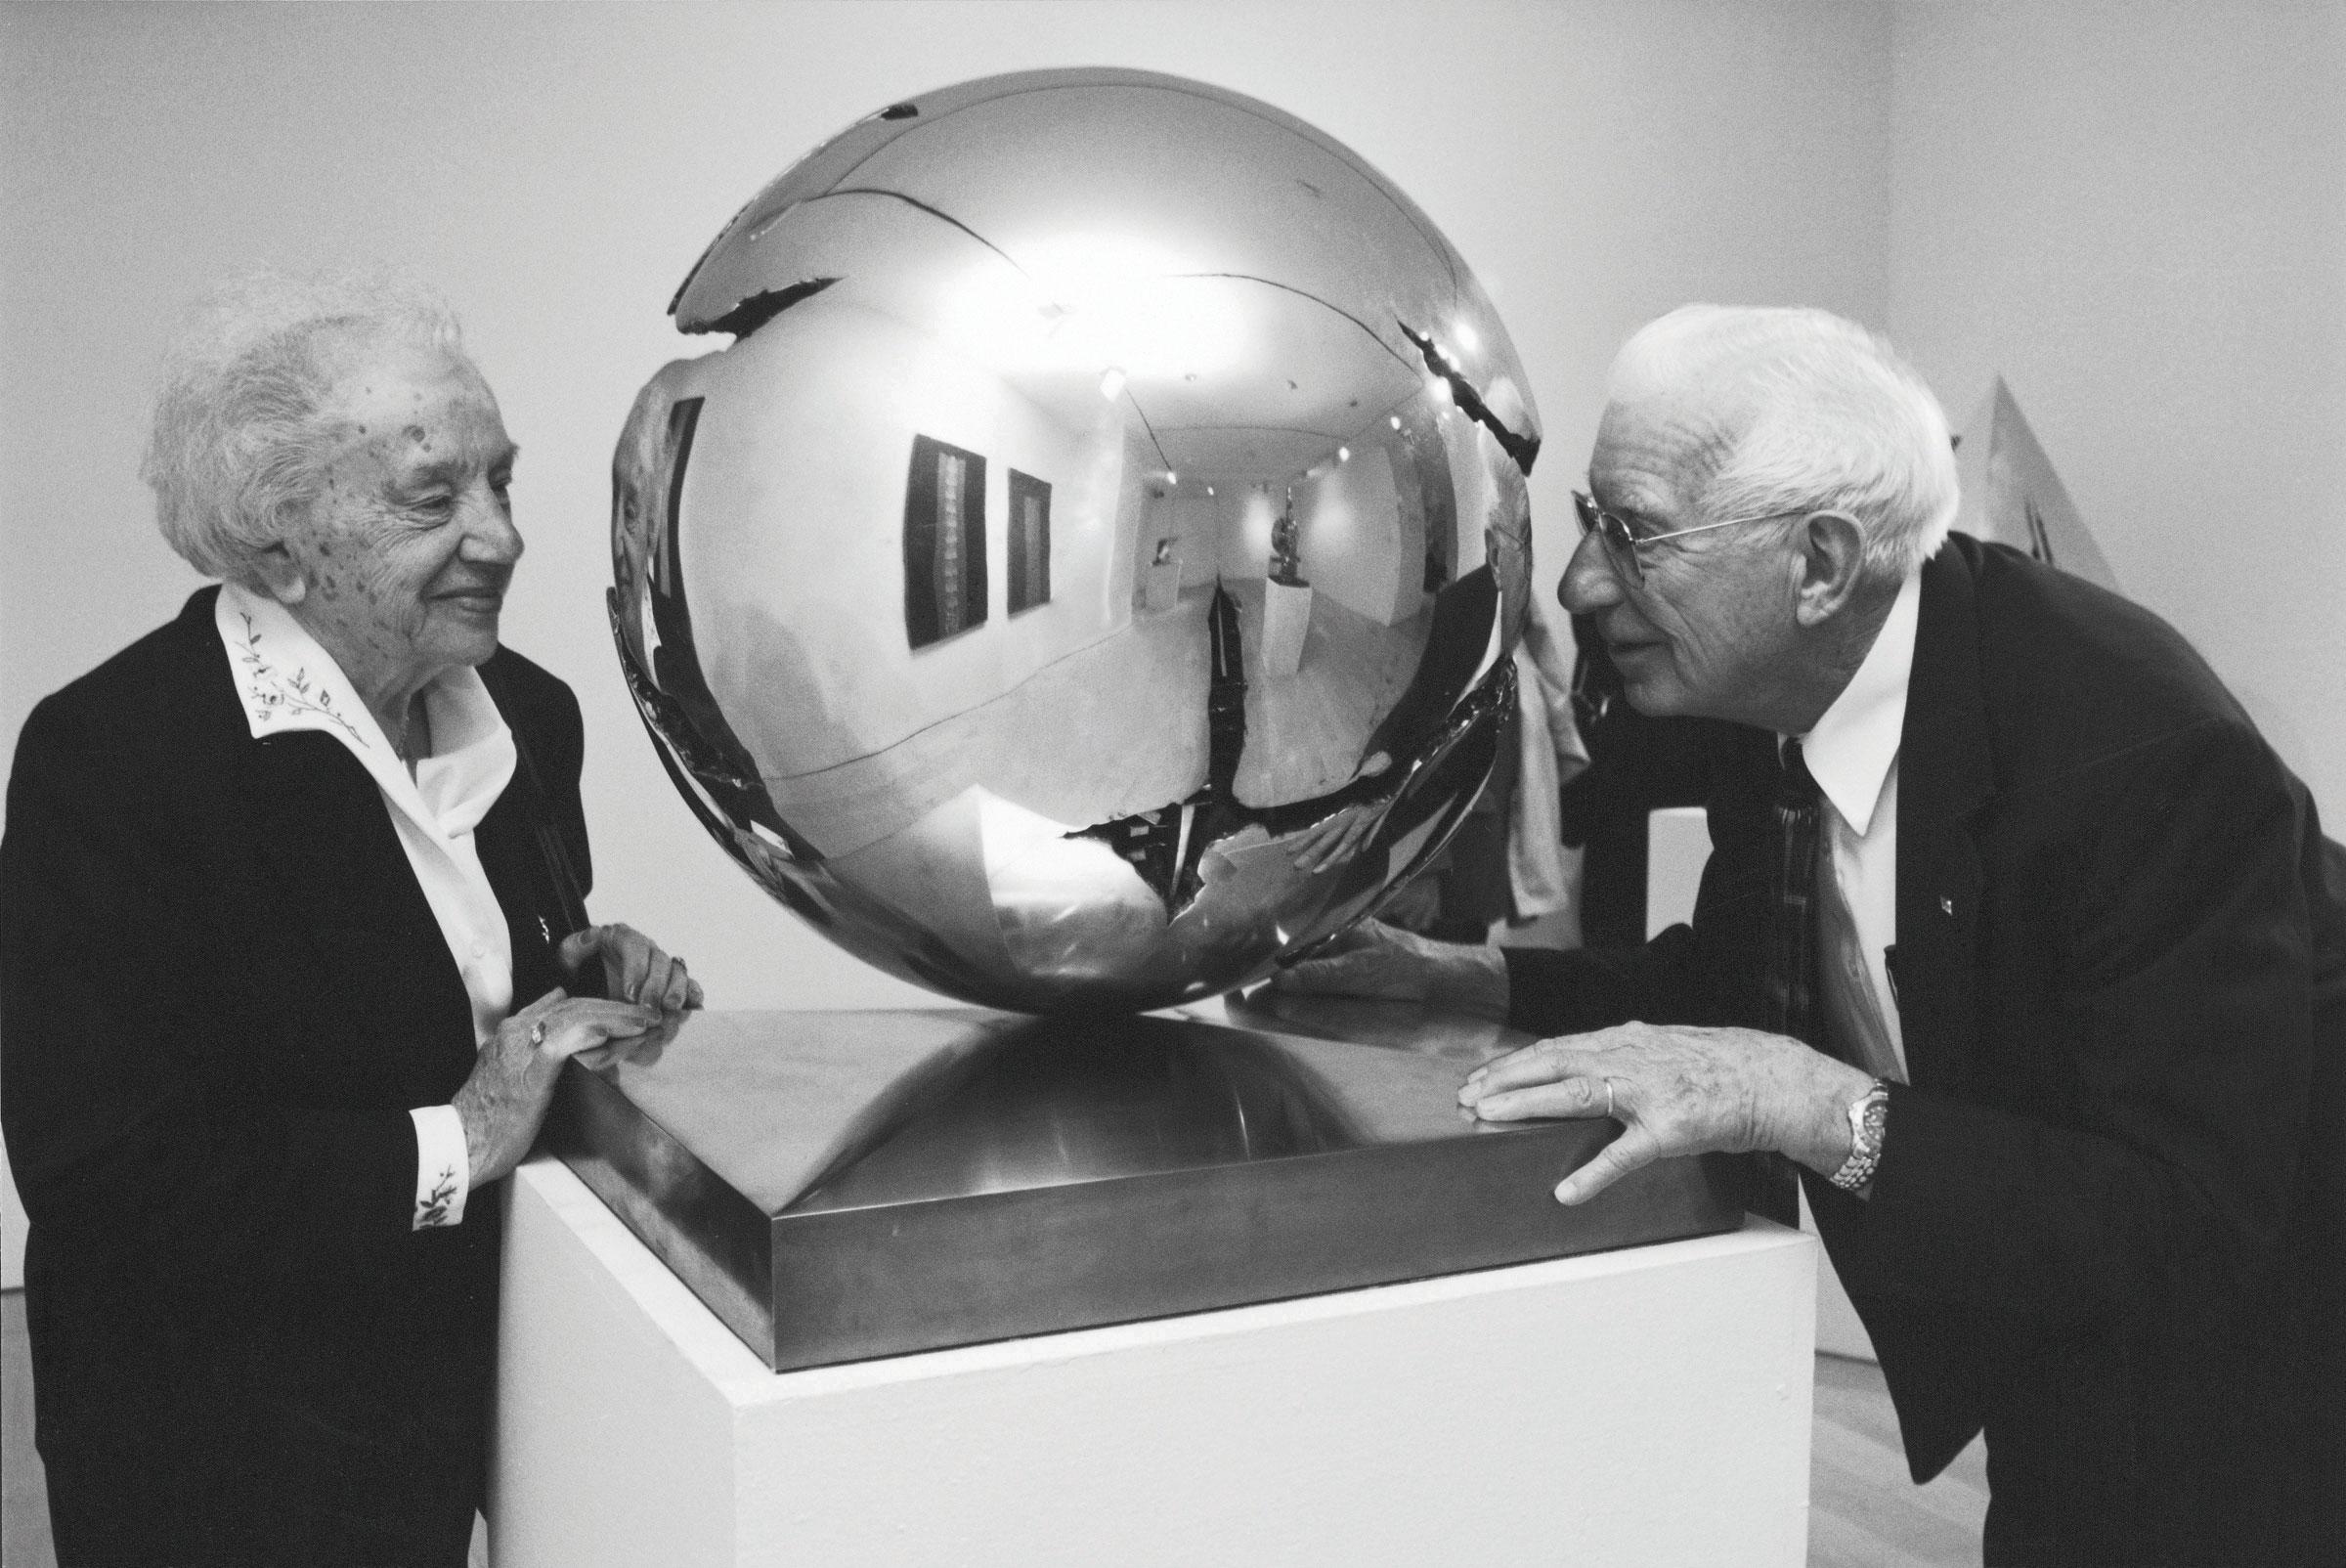 Fred and Lena in Milan, Italy studio of Arnaldo Pomodoro.